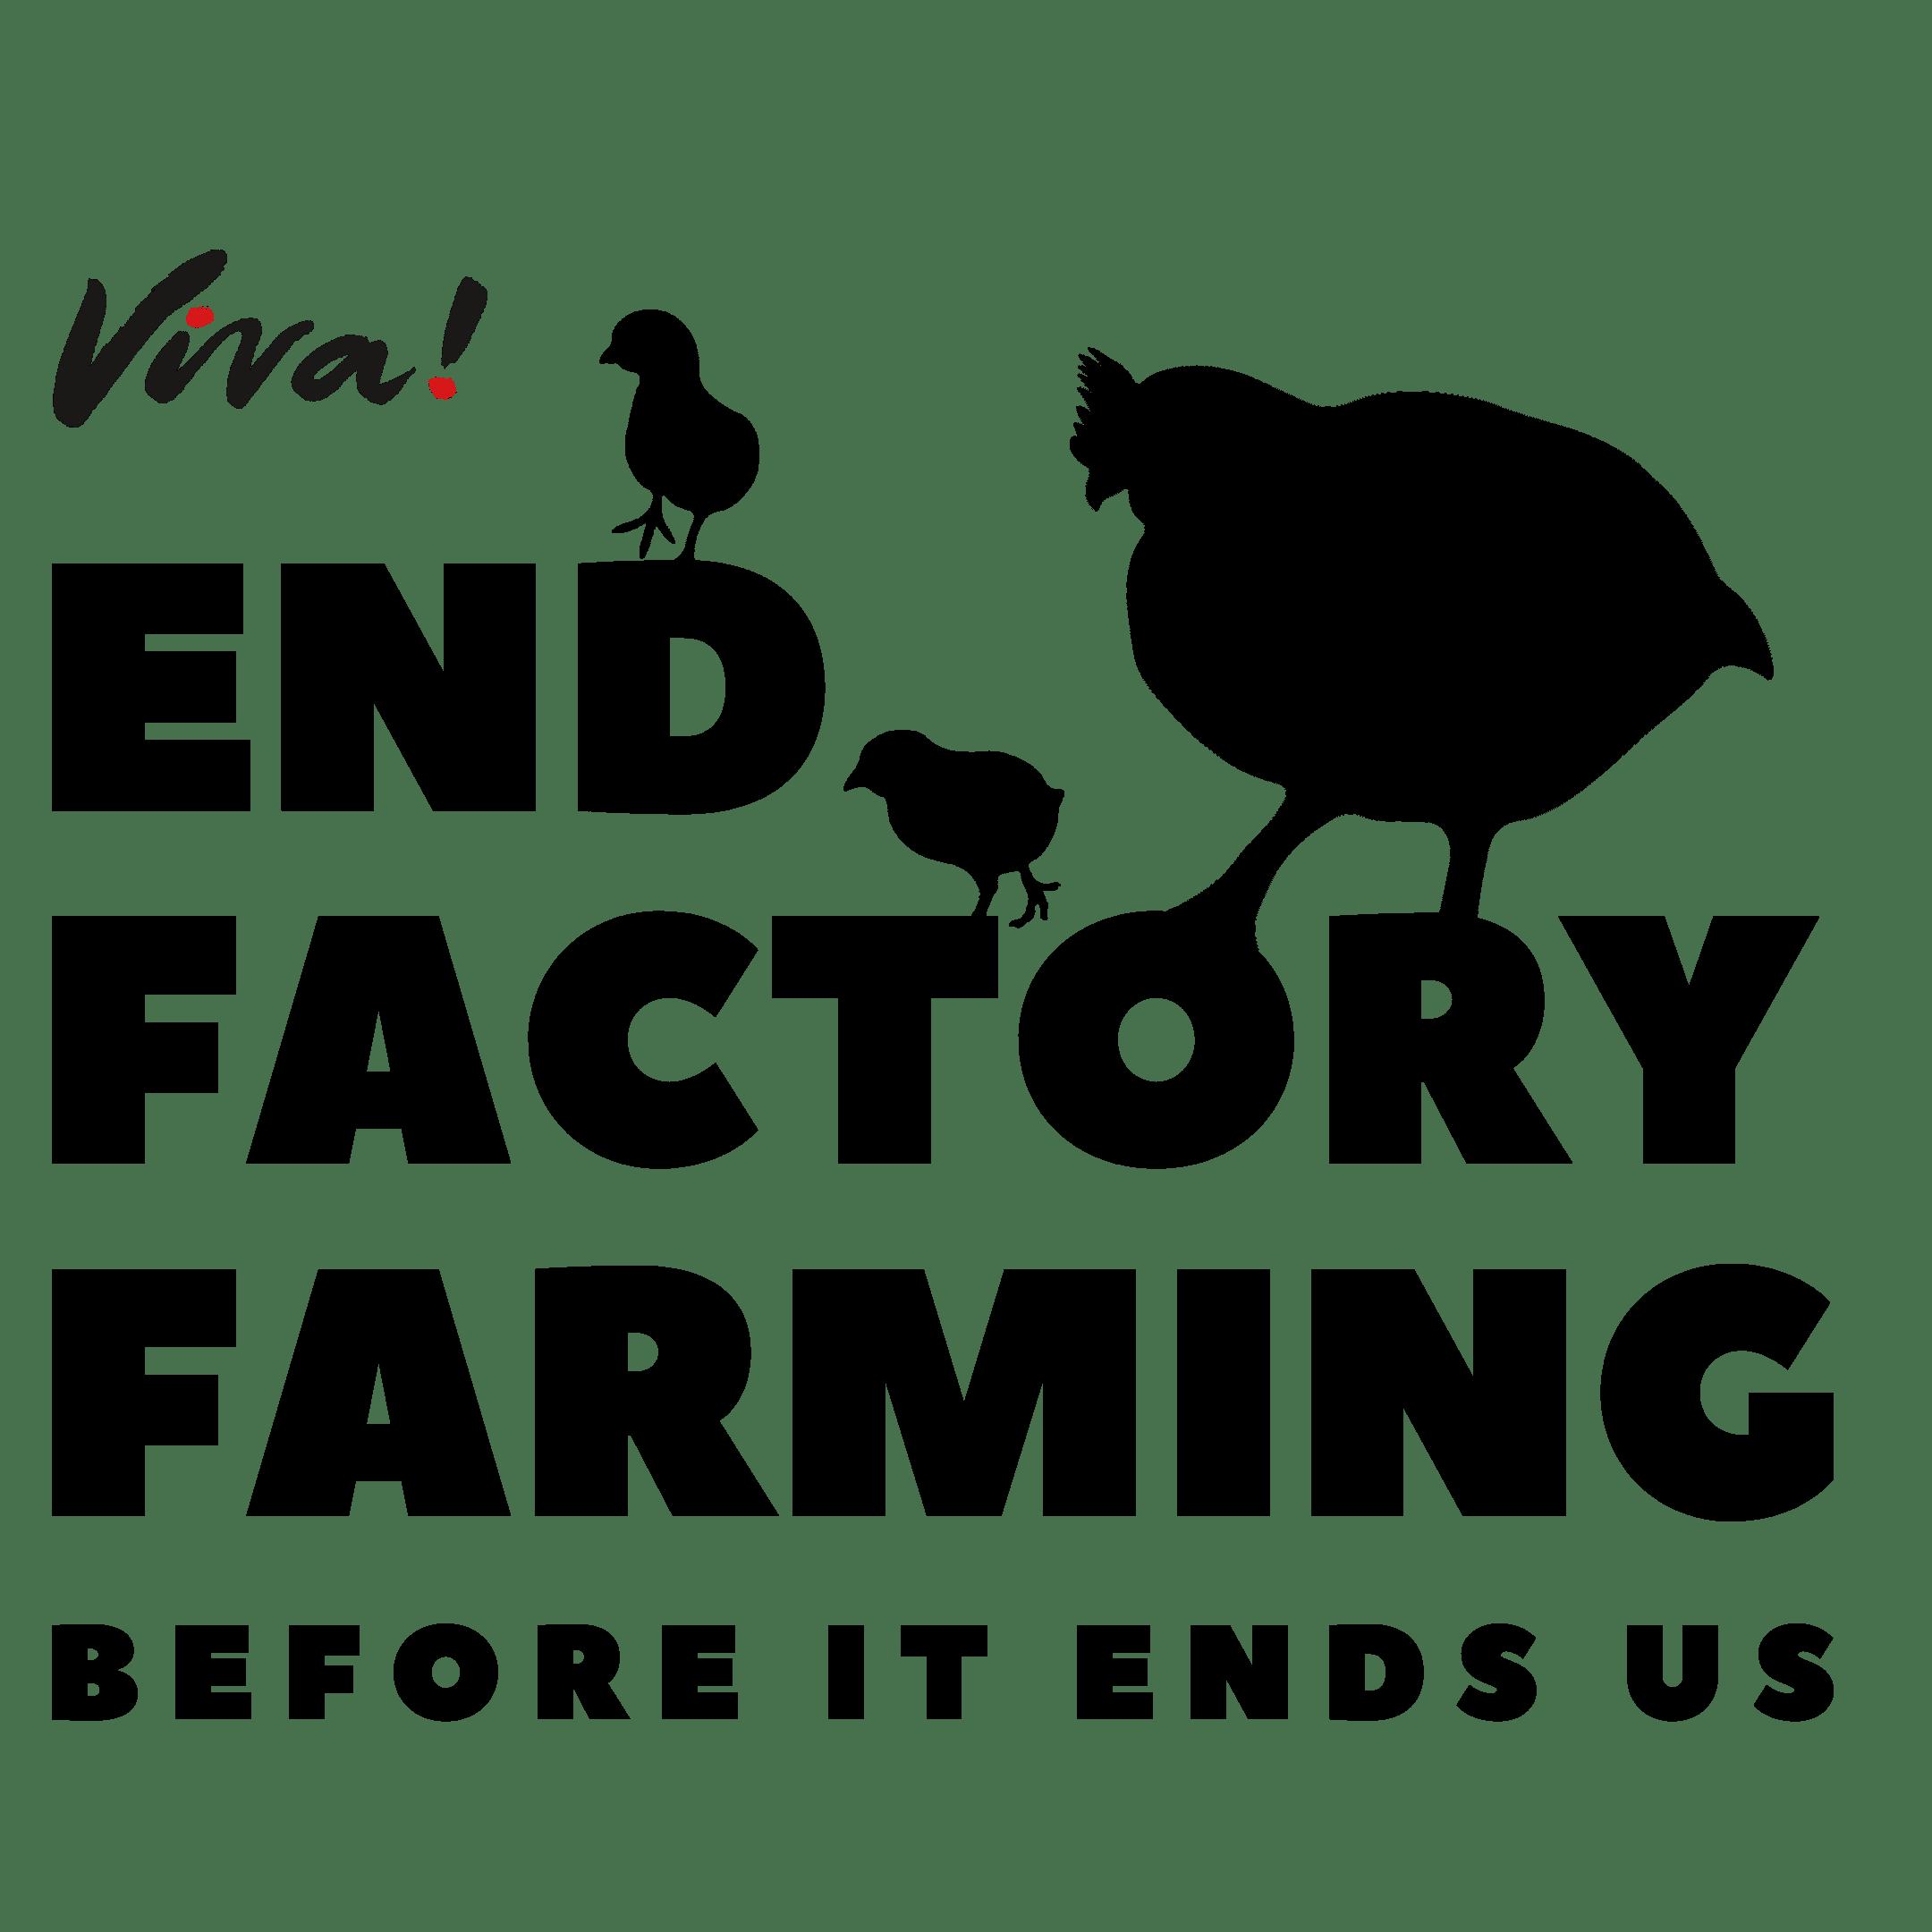 End factory farming broiler logo